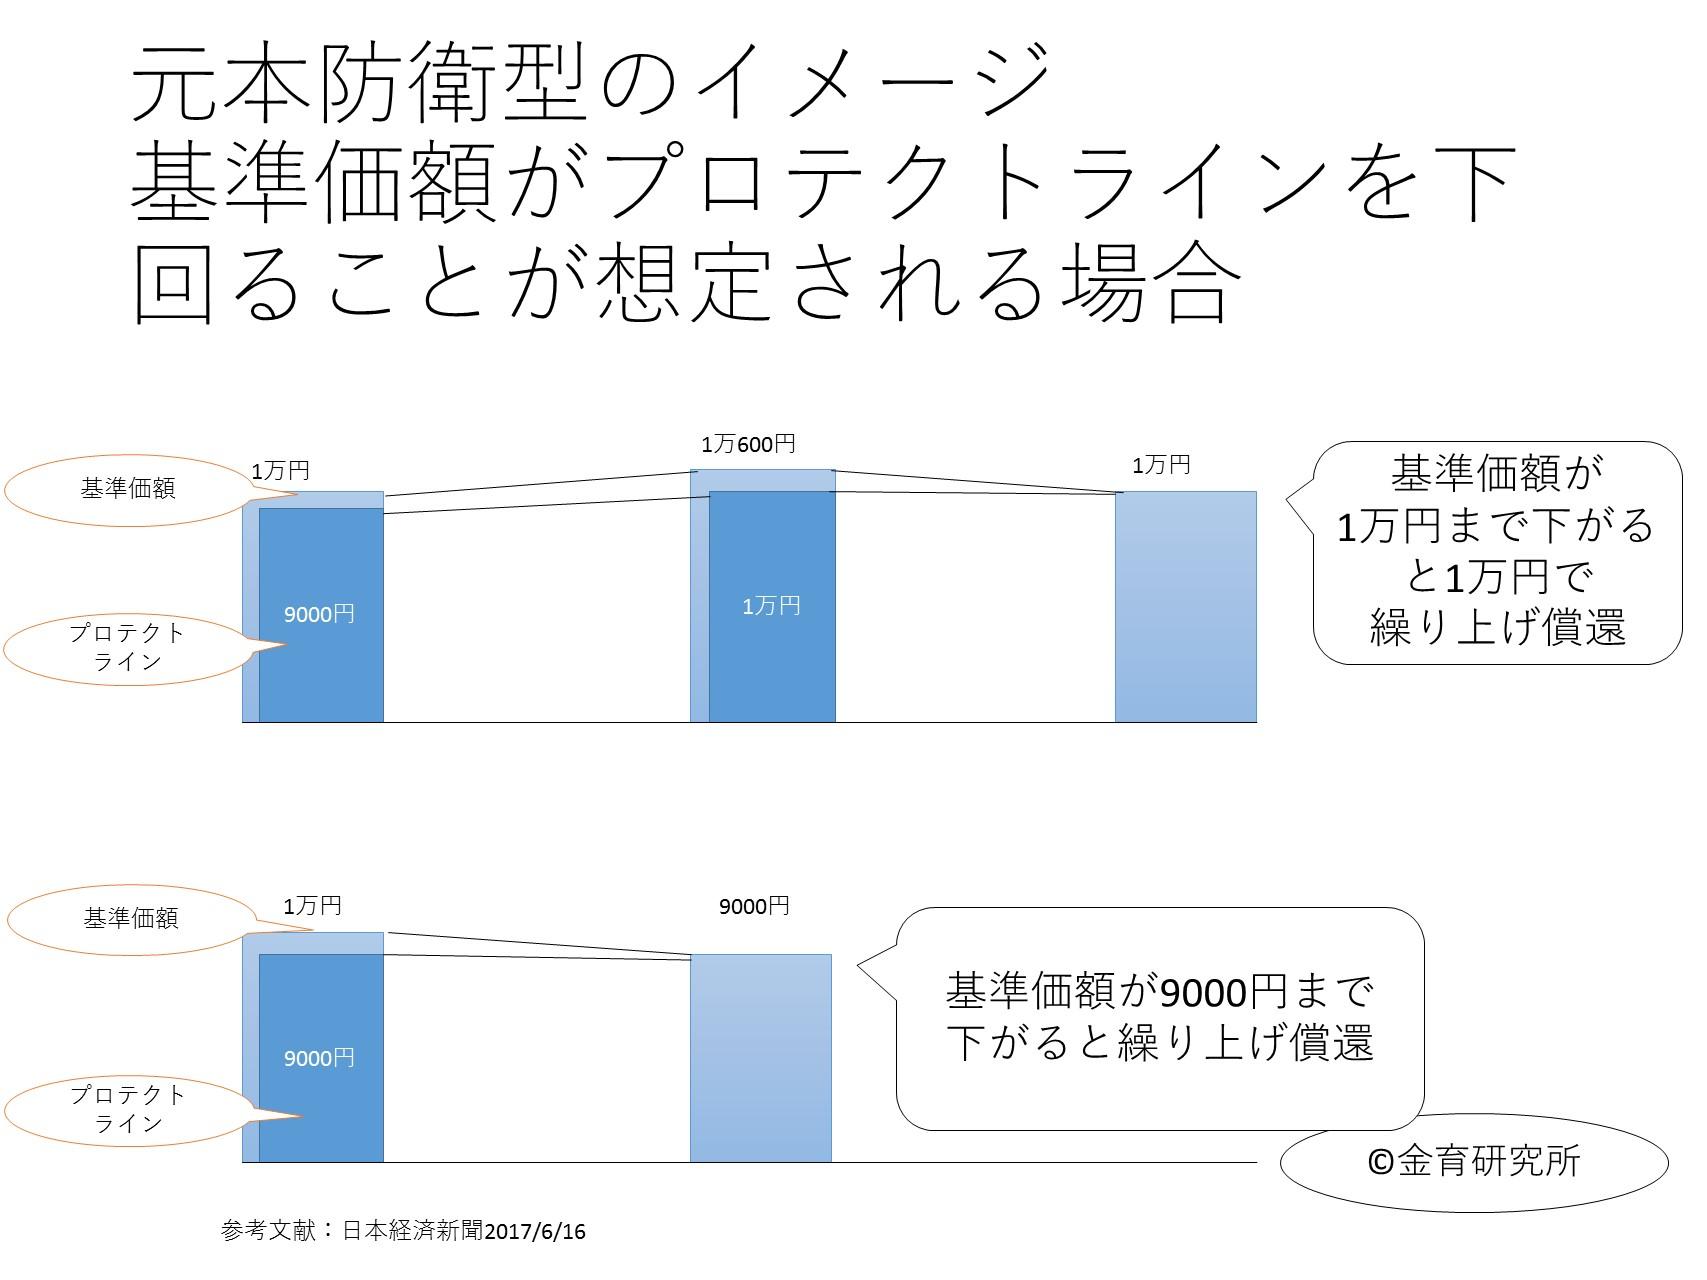 元本防衛型投資信託のイメージ図